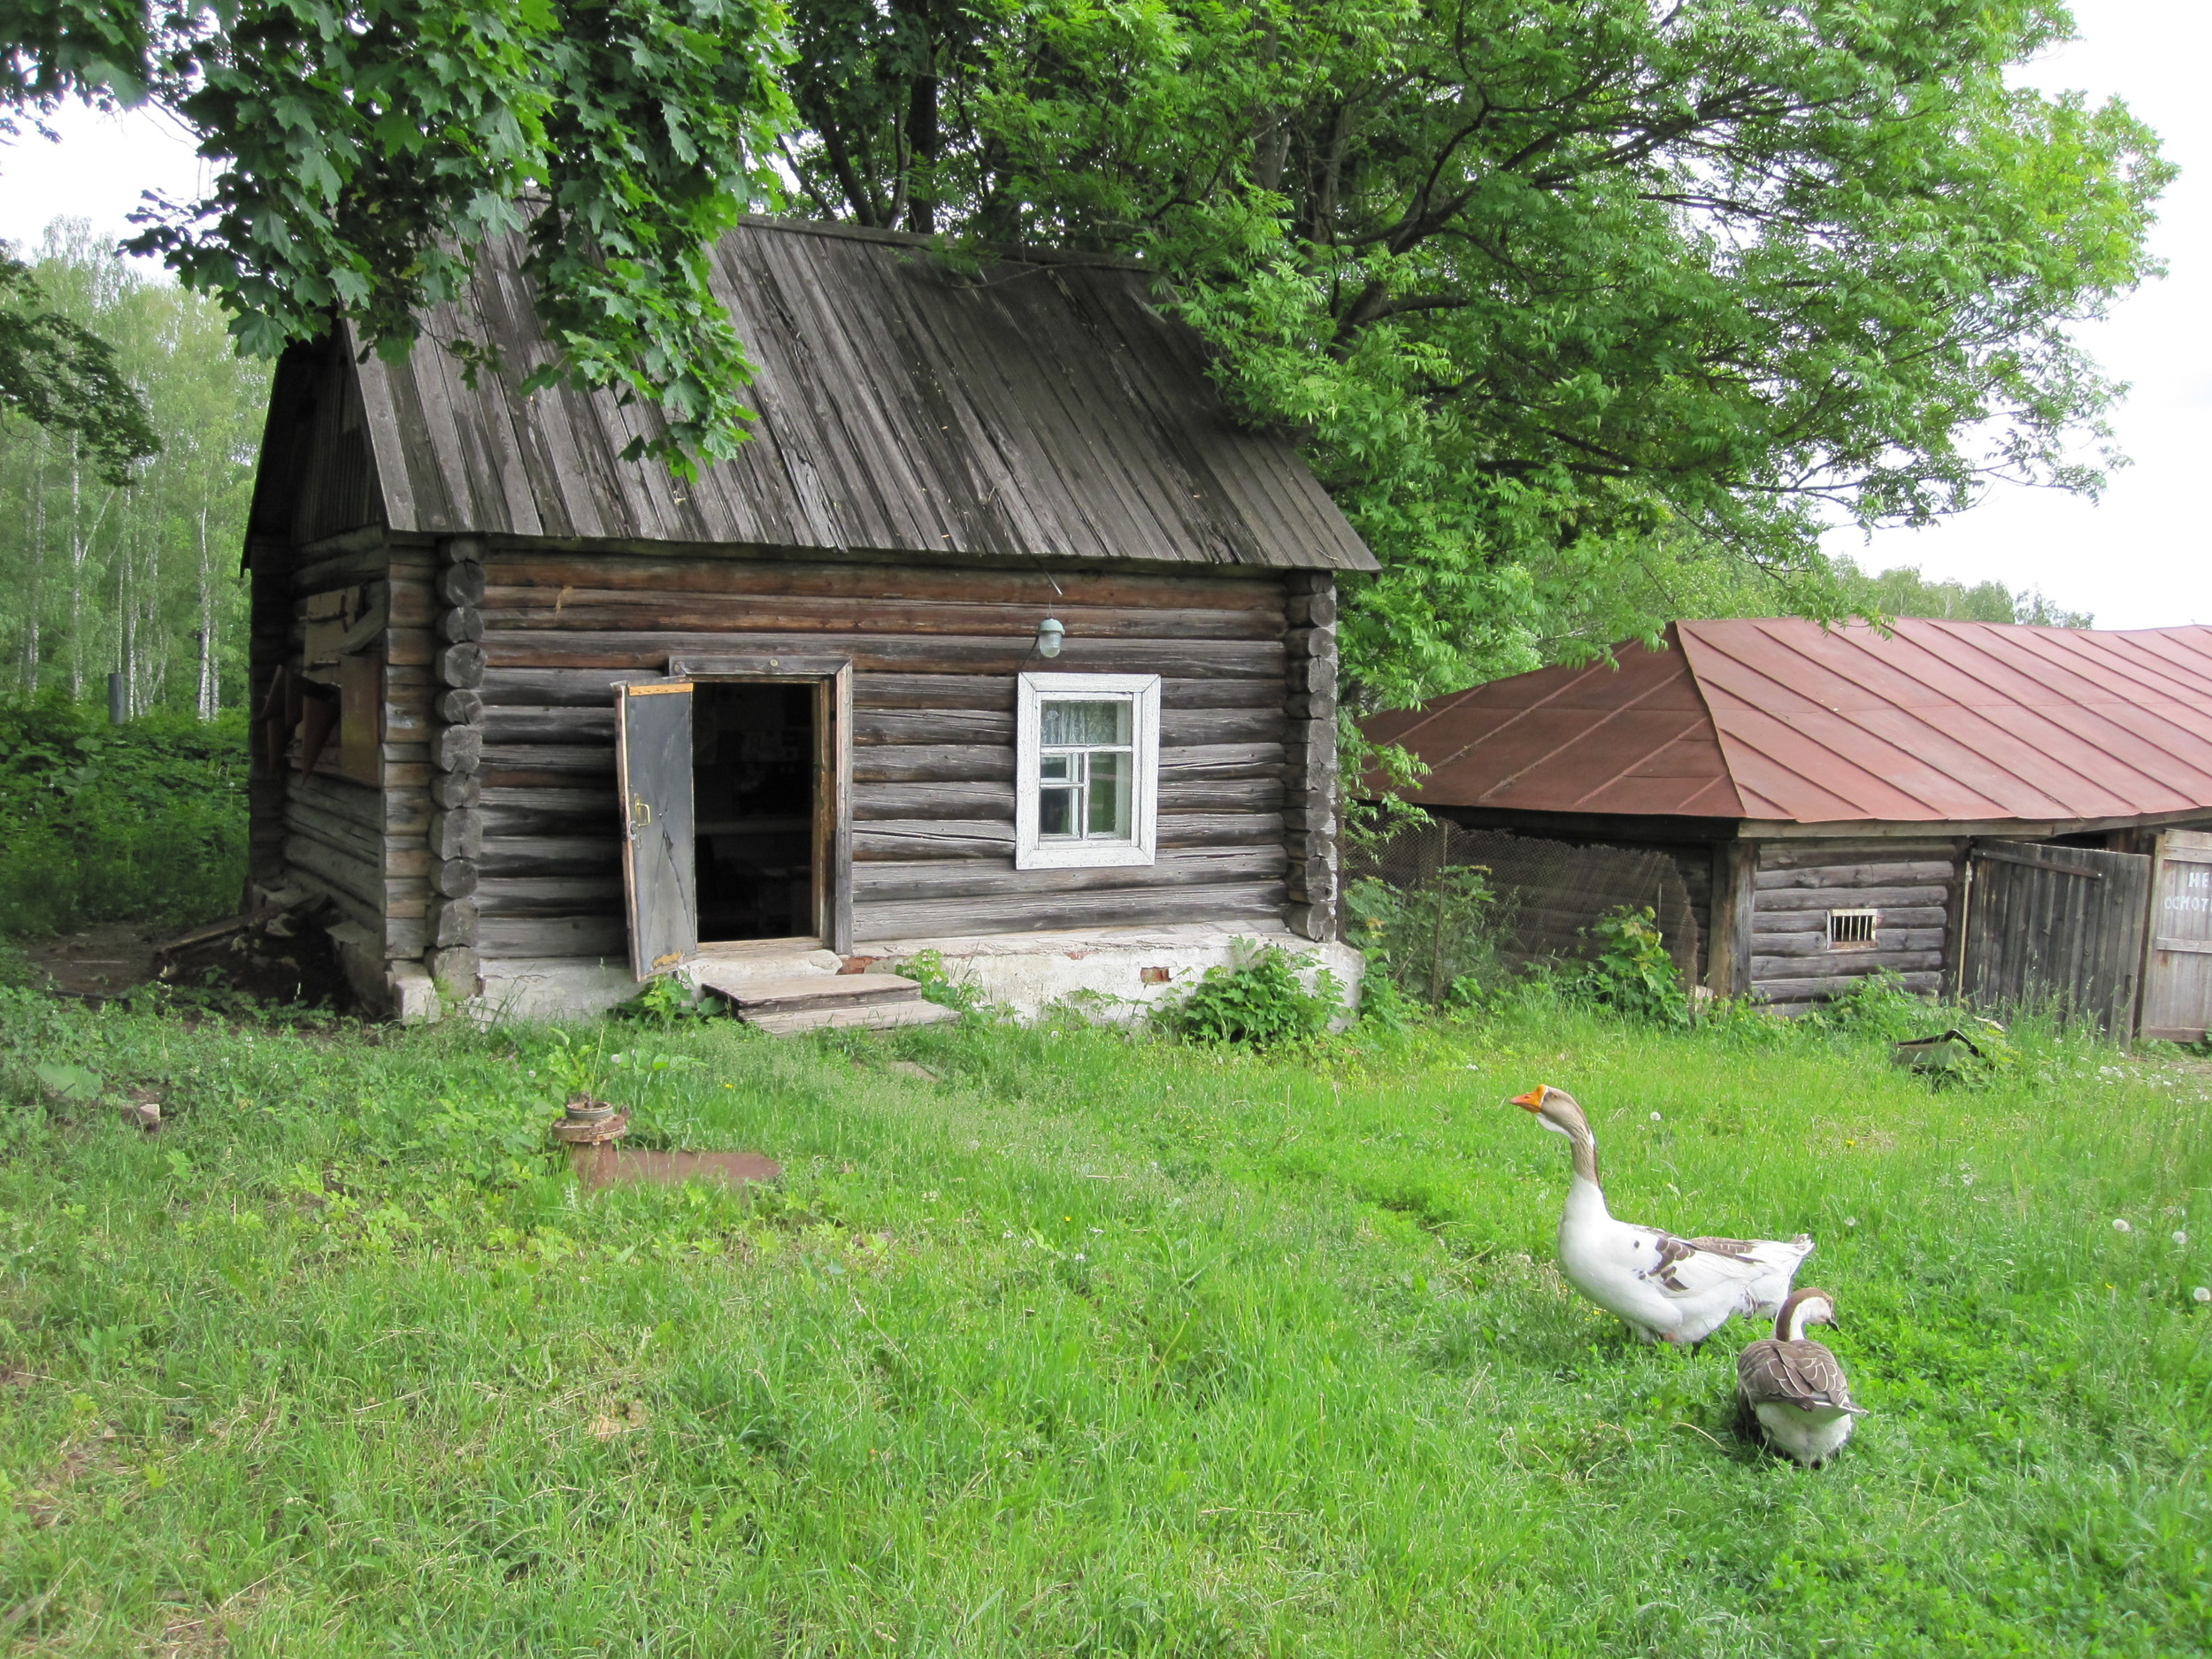 rural-scene-at-yasnaya-polana1